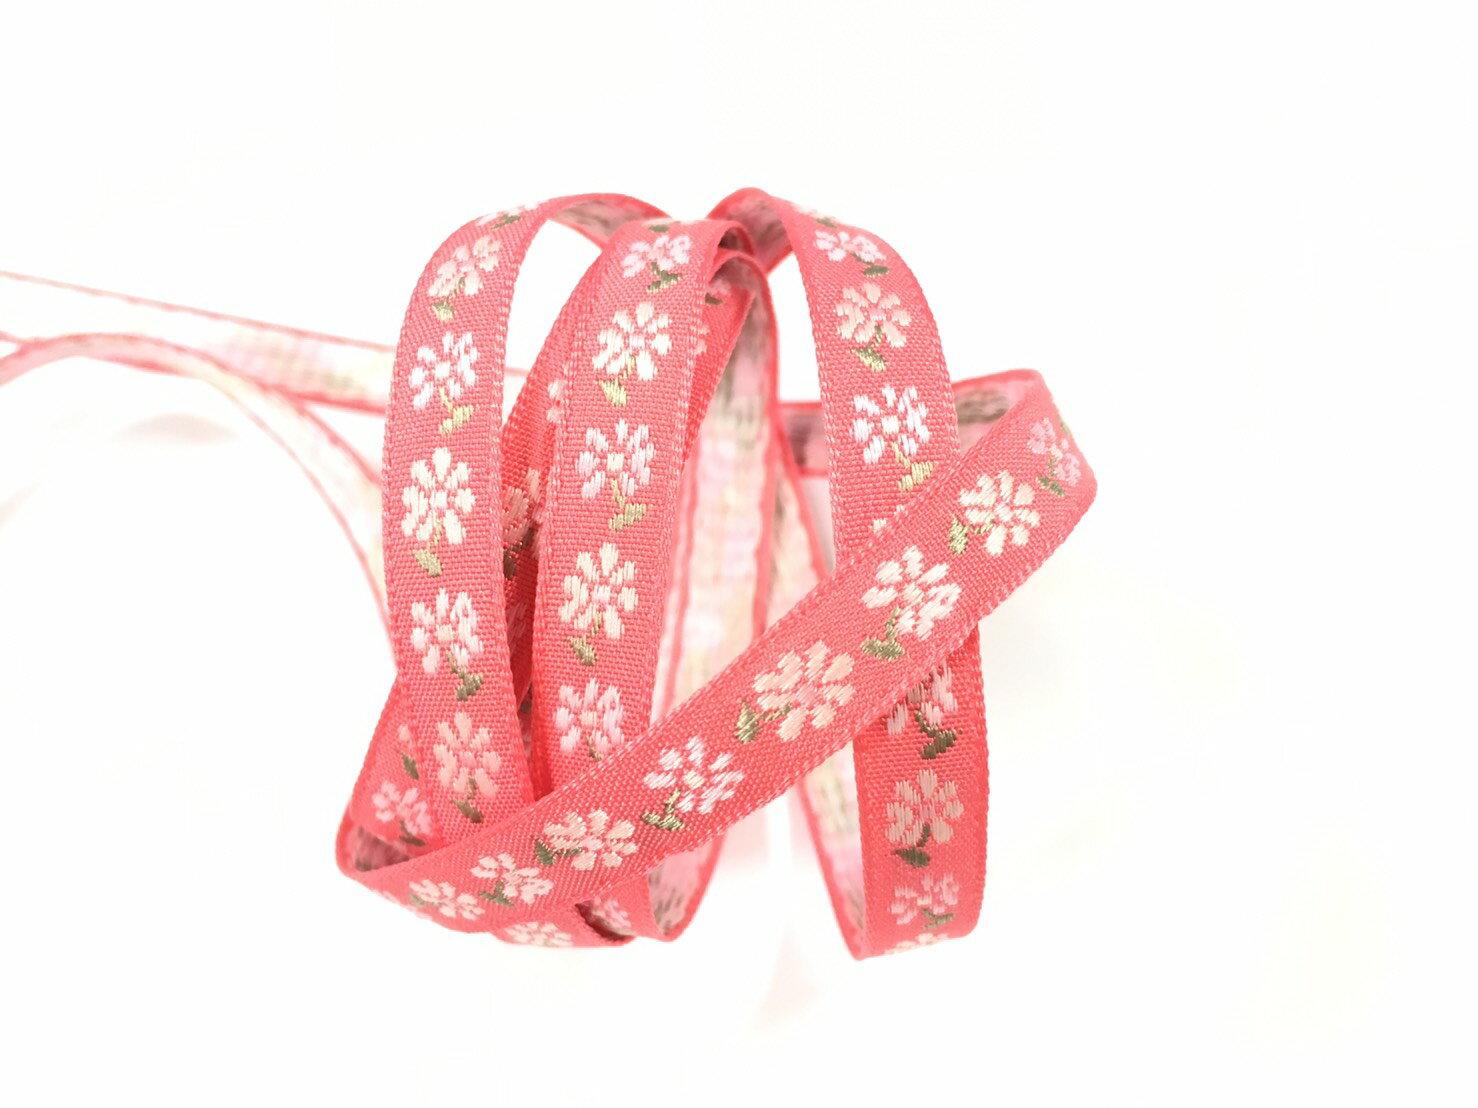 五瓣緹花緞帶 9mm 3碼 (7色) 4